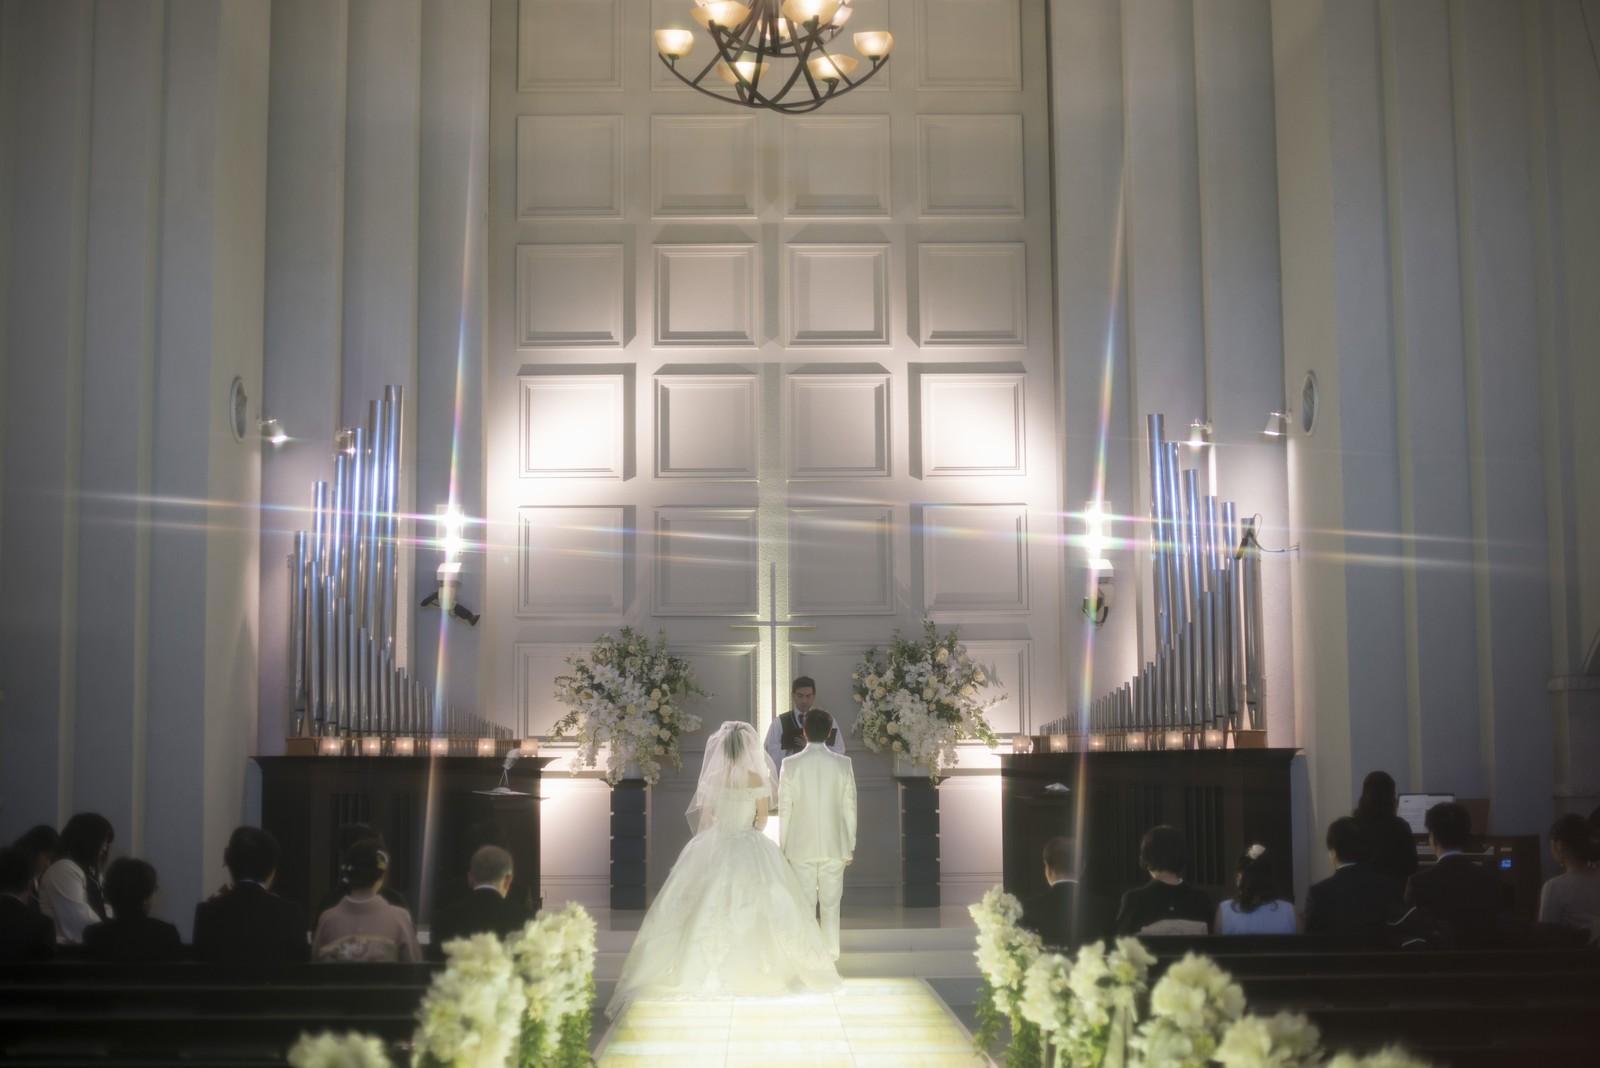 香川県の結婚式場シェルエメール&アイスタイル チャペル